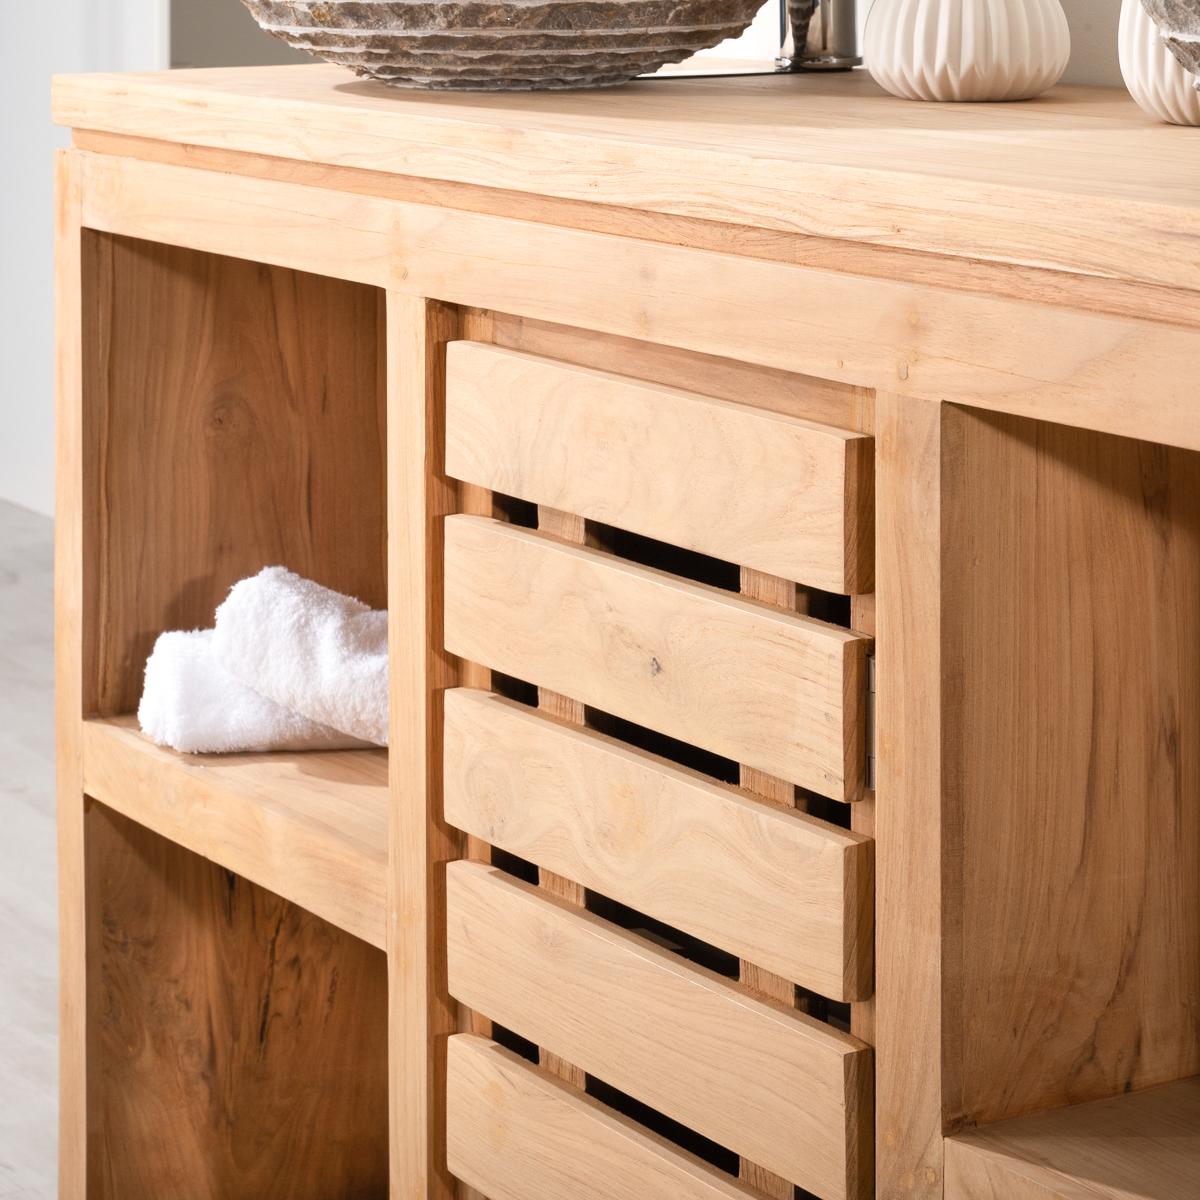 Mueble para lavabo doble de madera teca maciza natura for Muebles de bano de madera maciza natural